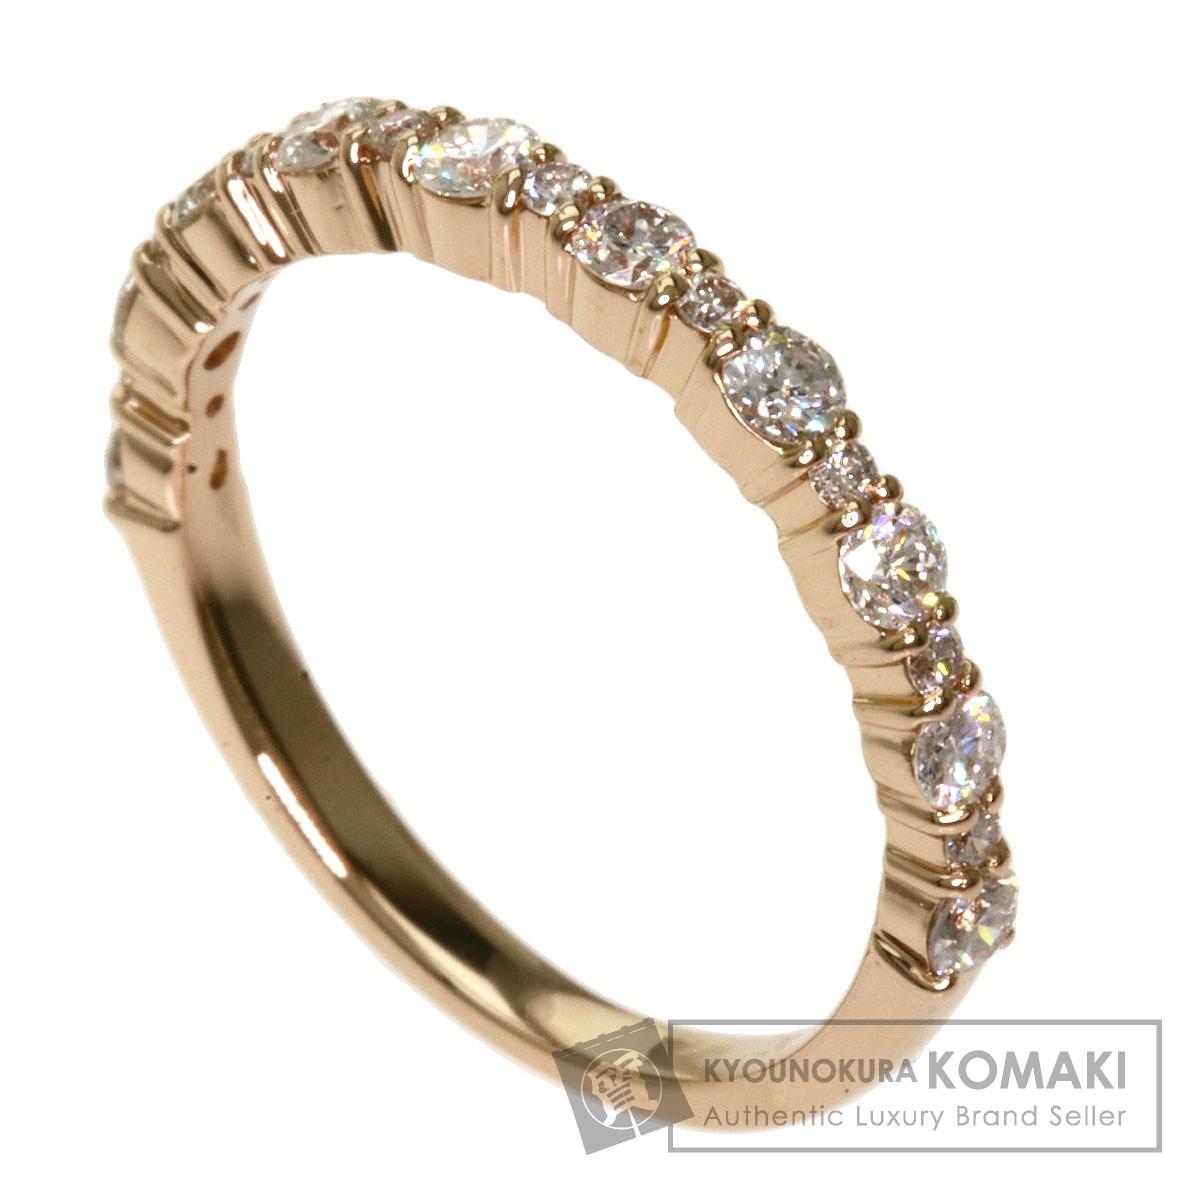 0.4ct ダイヤモンド リング・指輪 K18ピンクゴールド 1.6g レディース 【中古】